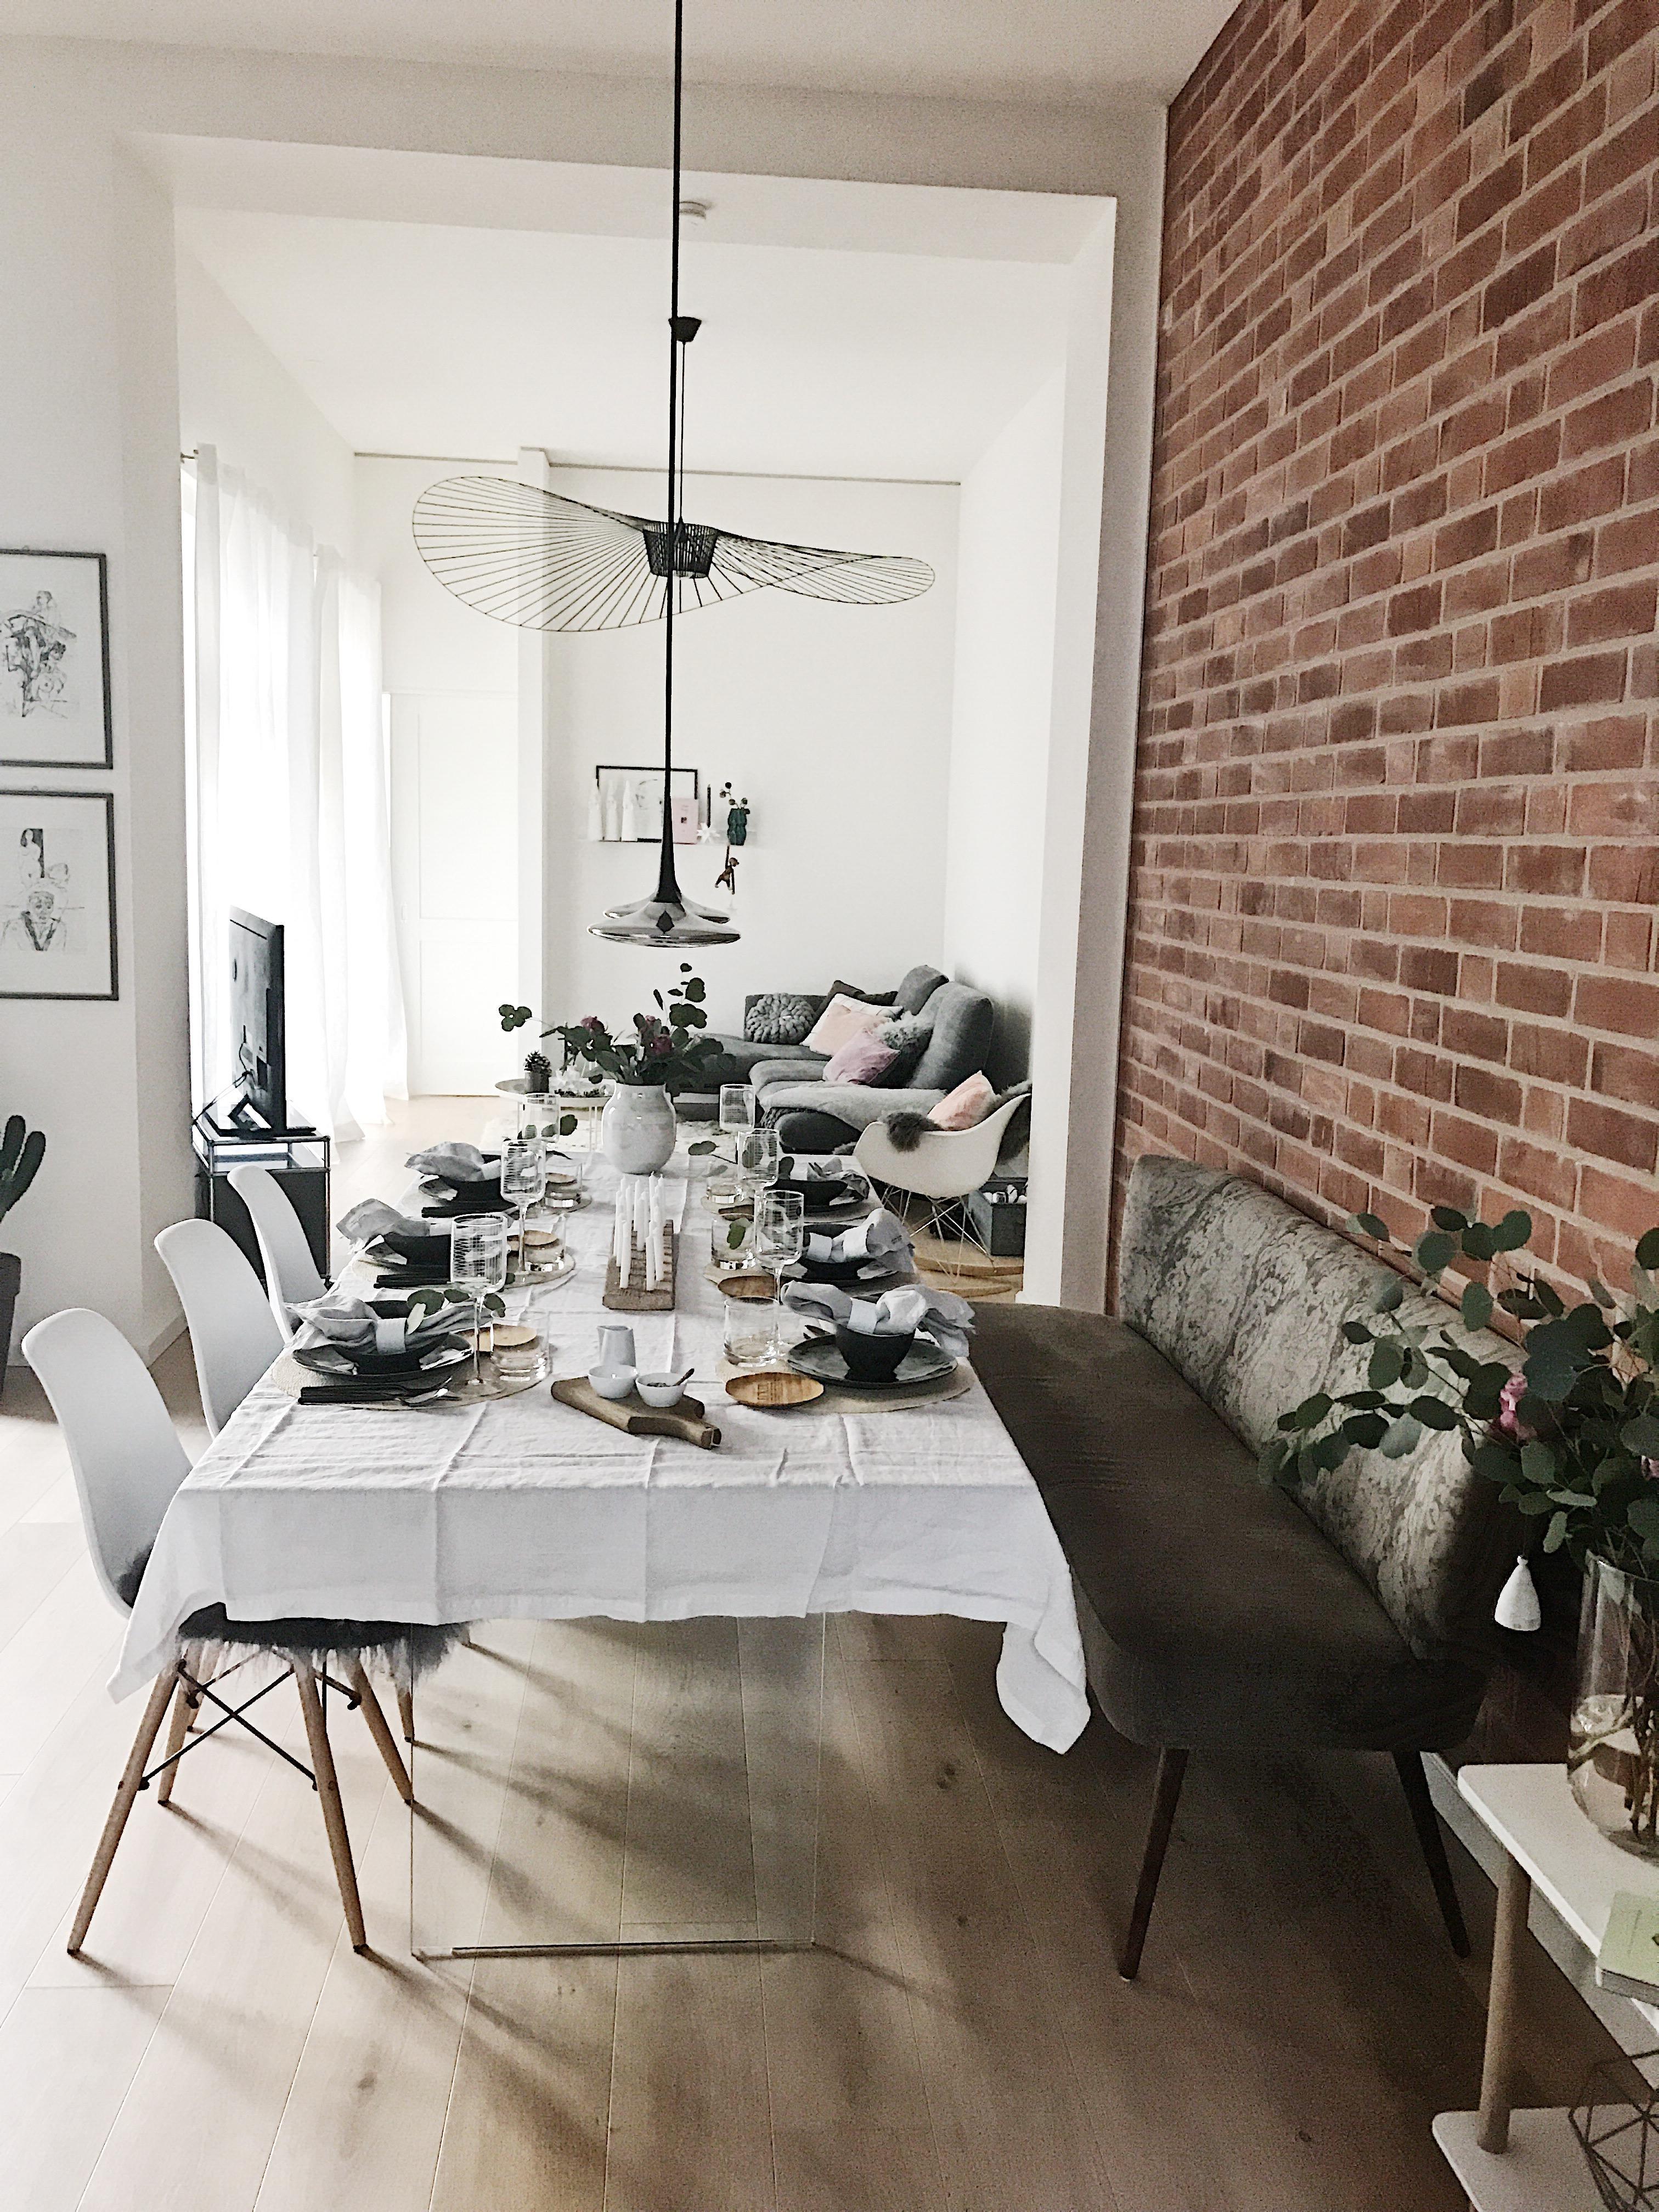 Wohnzimmer bilder ideen couchstyle for Wohnzimmer quadratmeter